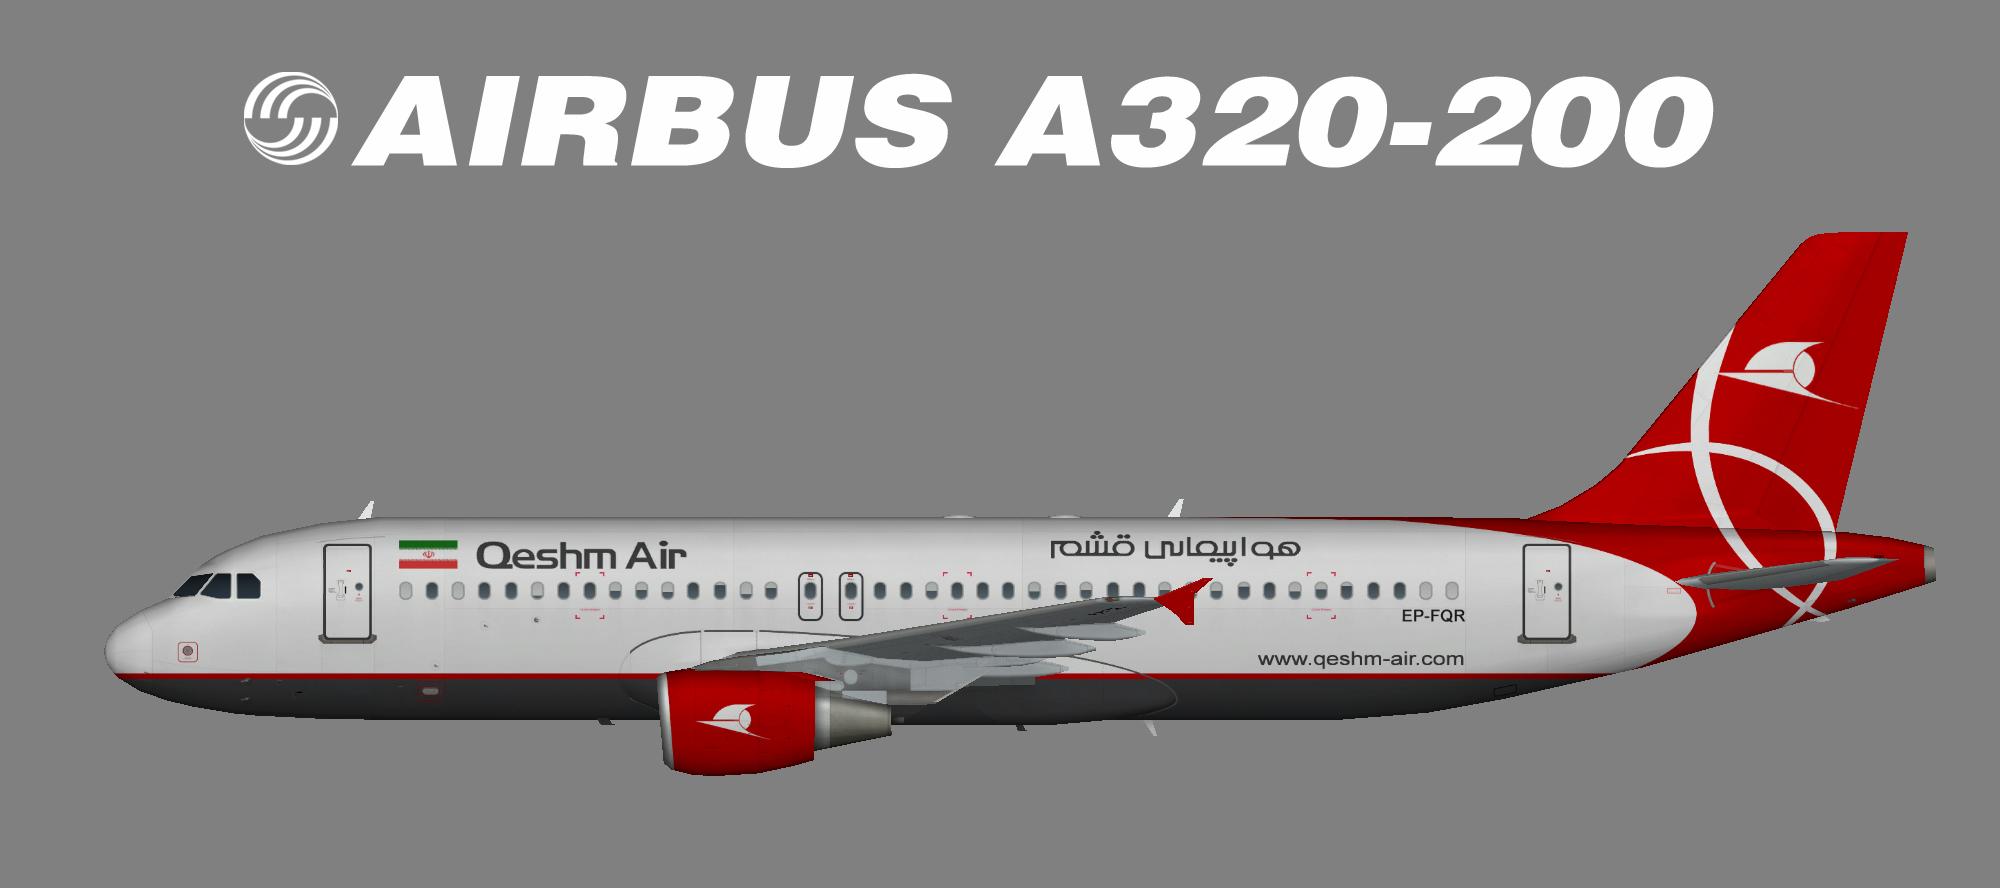 Qeshm Air A320-200